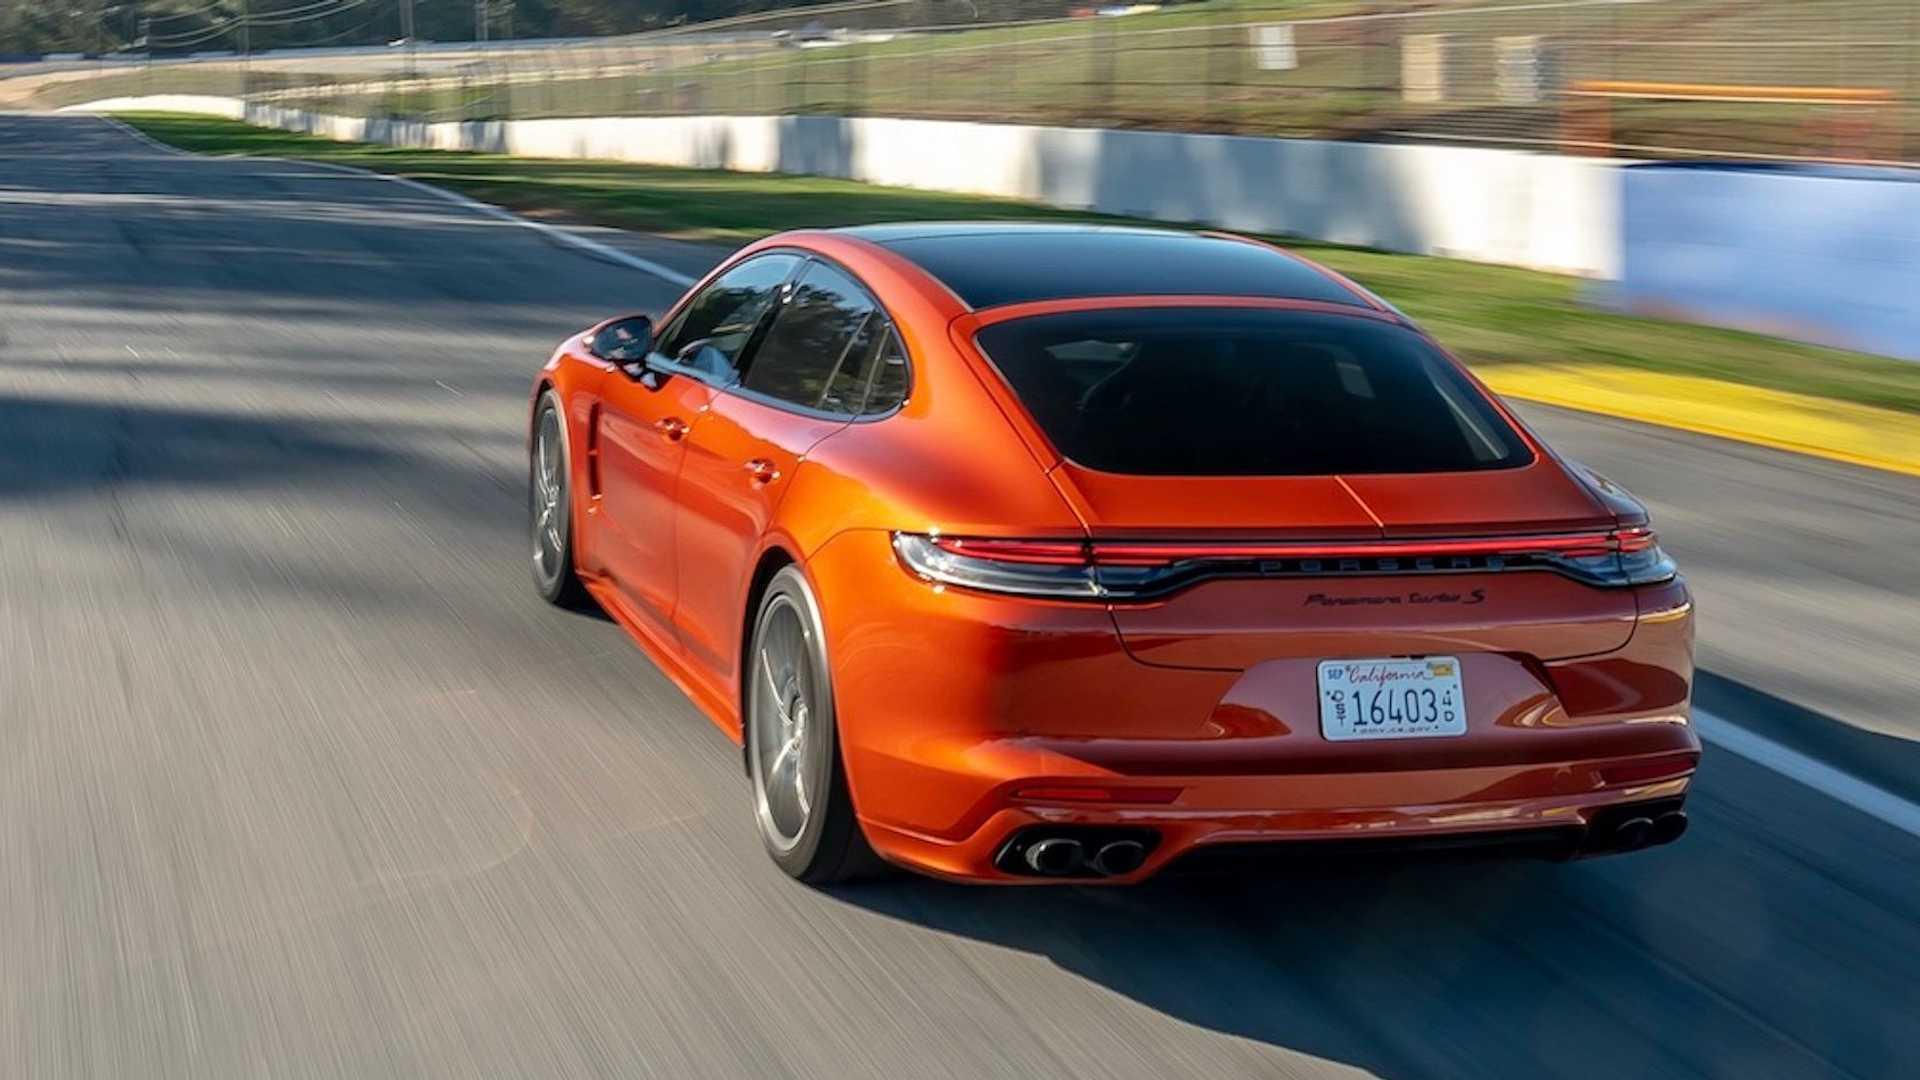 Τα σχέδια της Porsche για την Panamera και όχι μόνο!